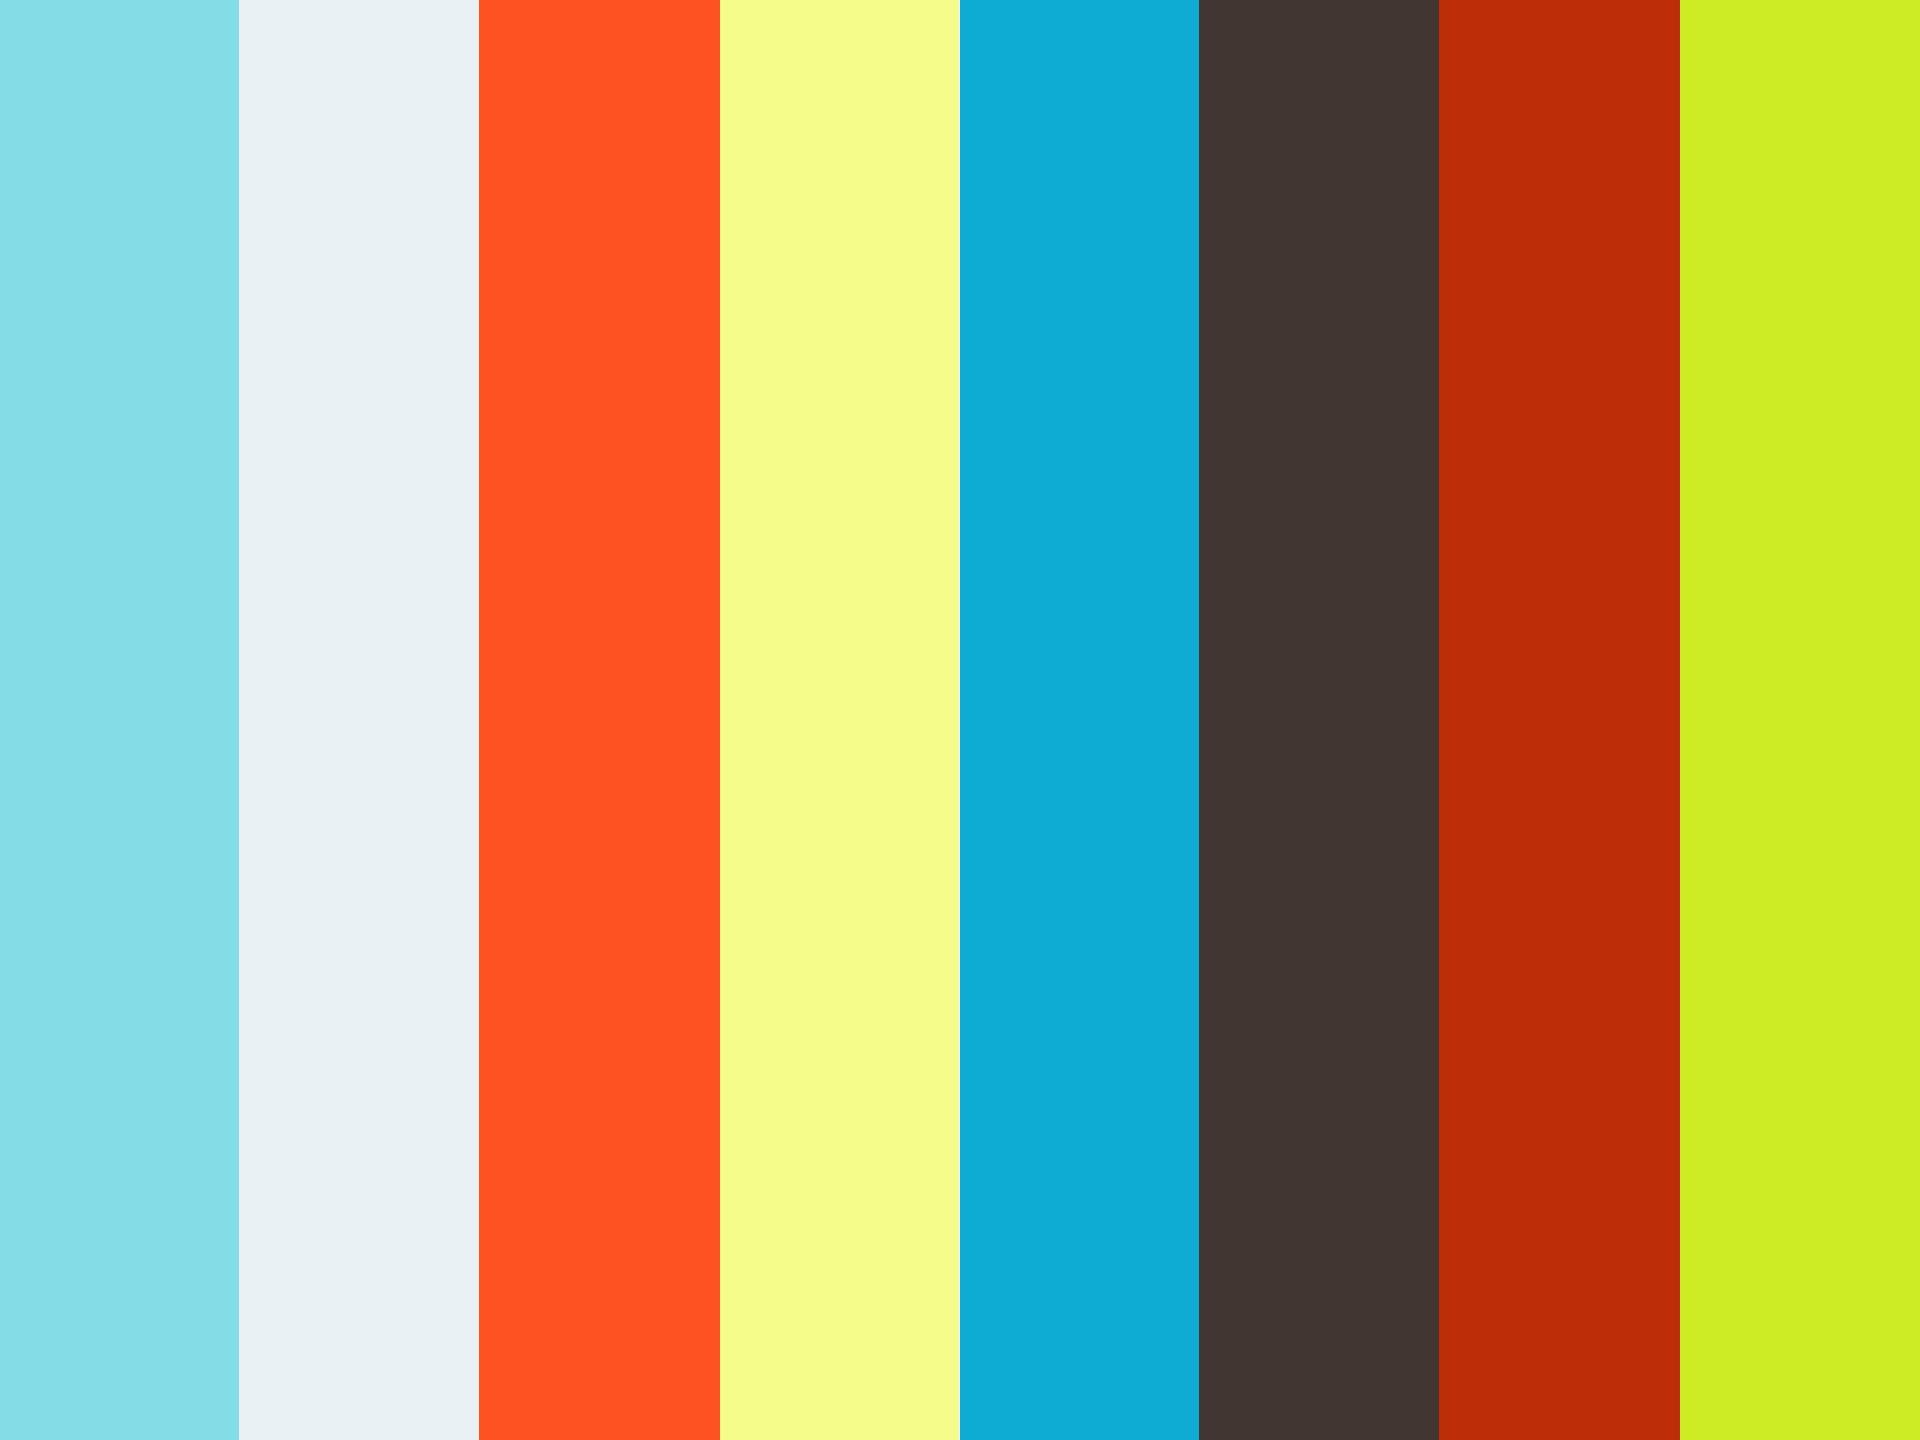 【PV】EF Line. / 一般的な使用方法